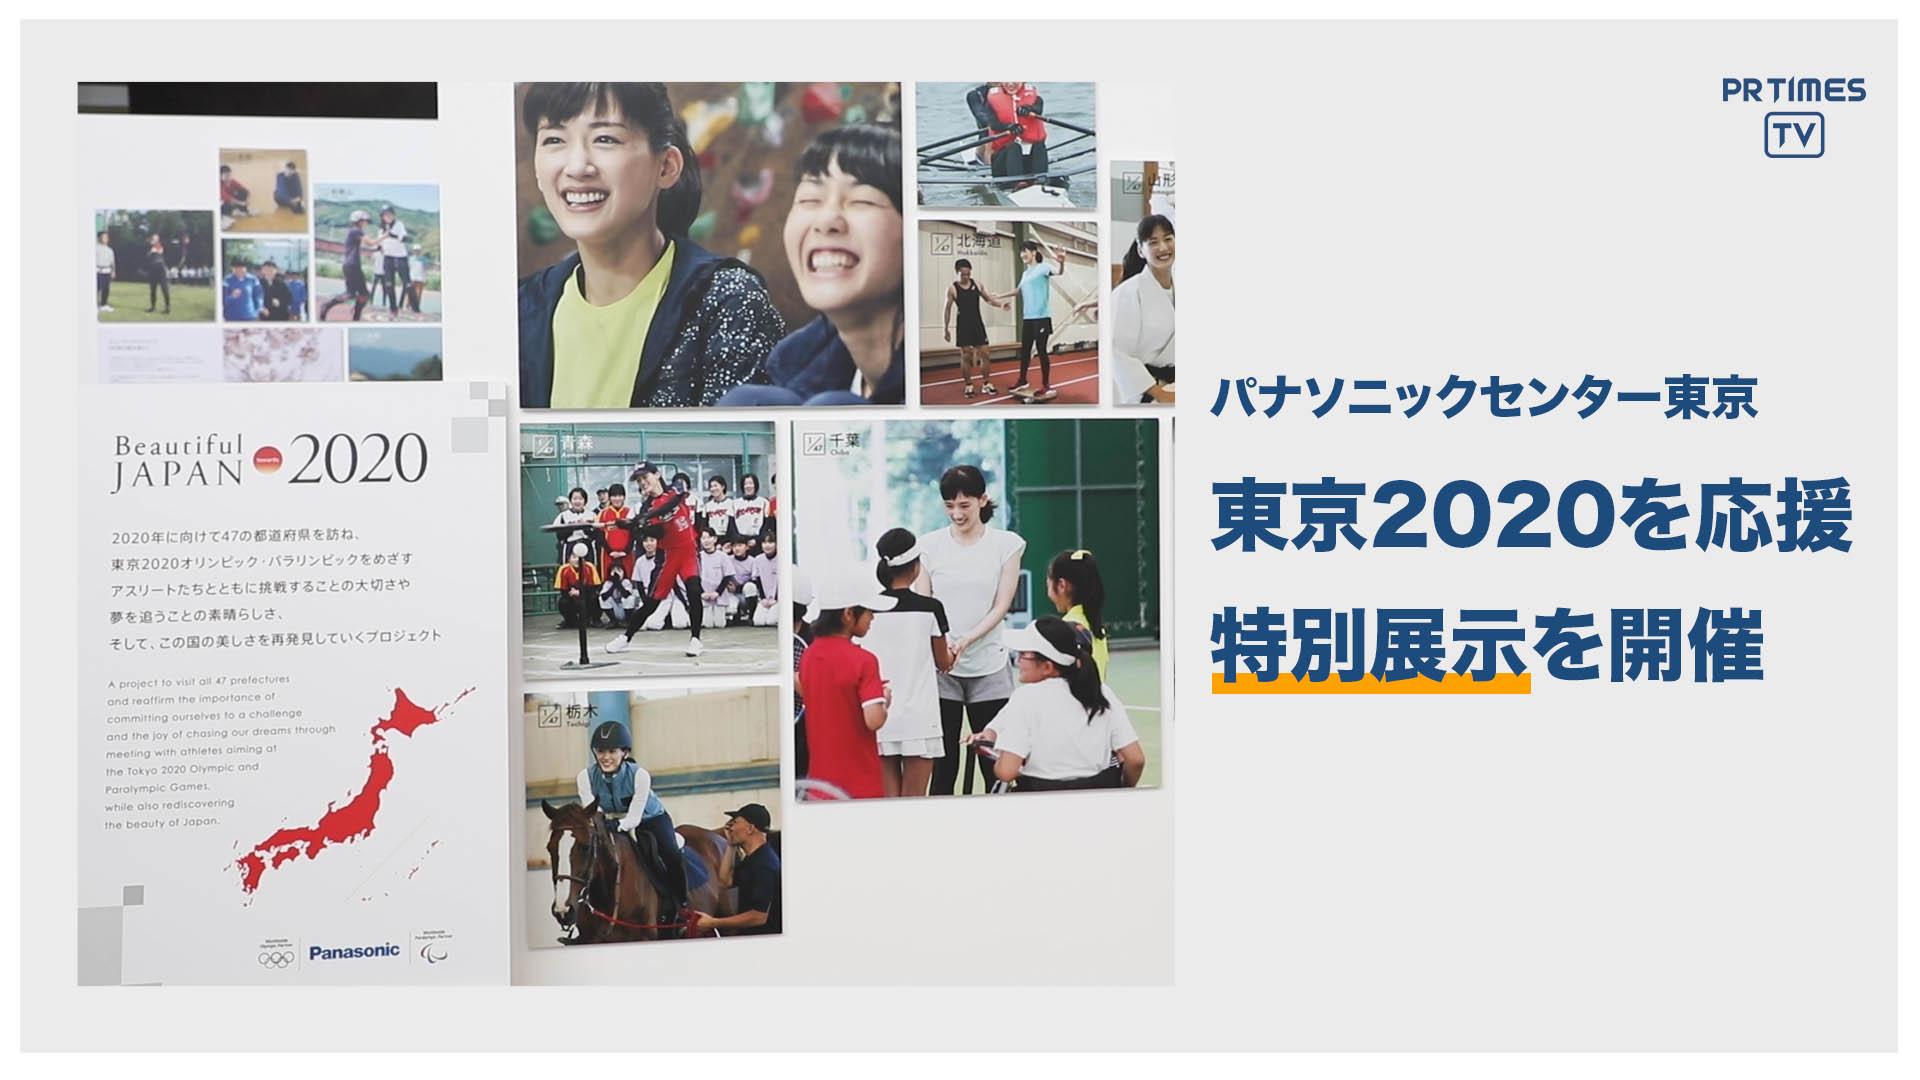 『ビューティフルジャパン』特別展示をパナソニックセンター東京にて期間限定で実施